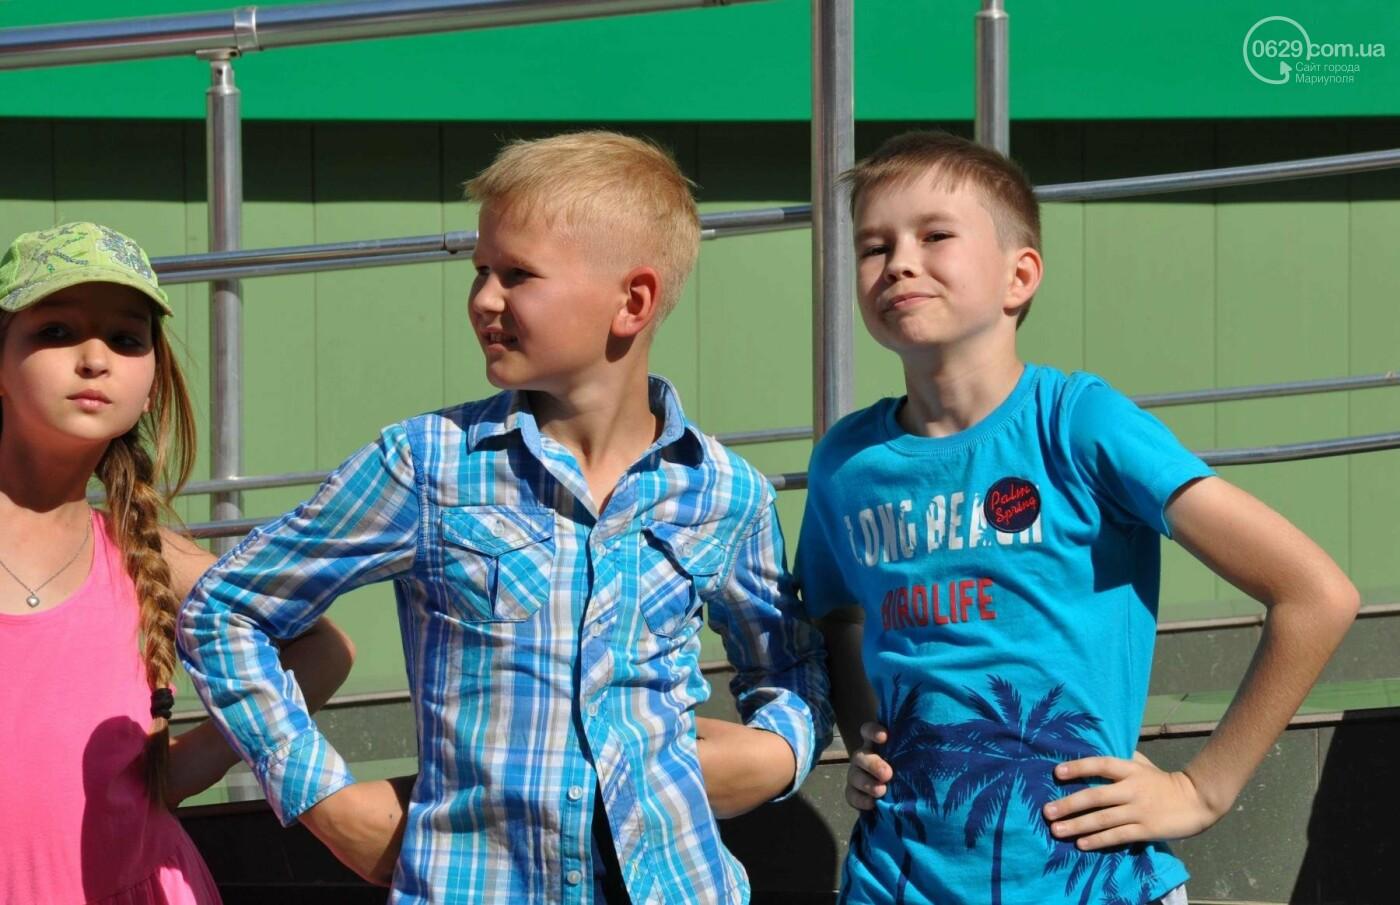 В аптеке «Азовфарм» провели праздник для детей и разыграли призы, фото-12